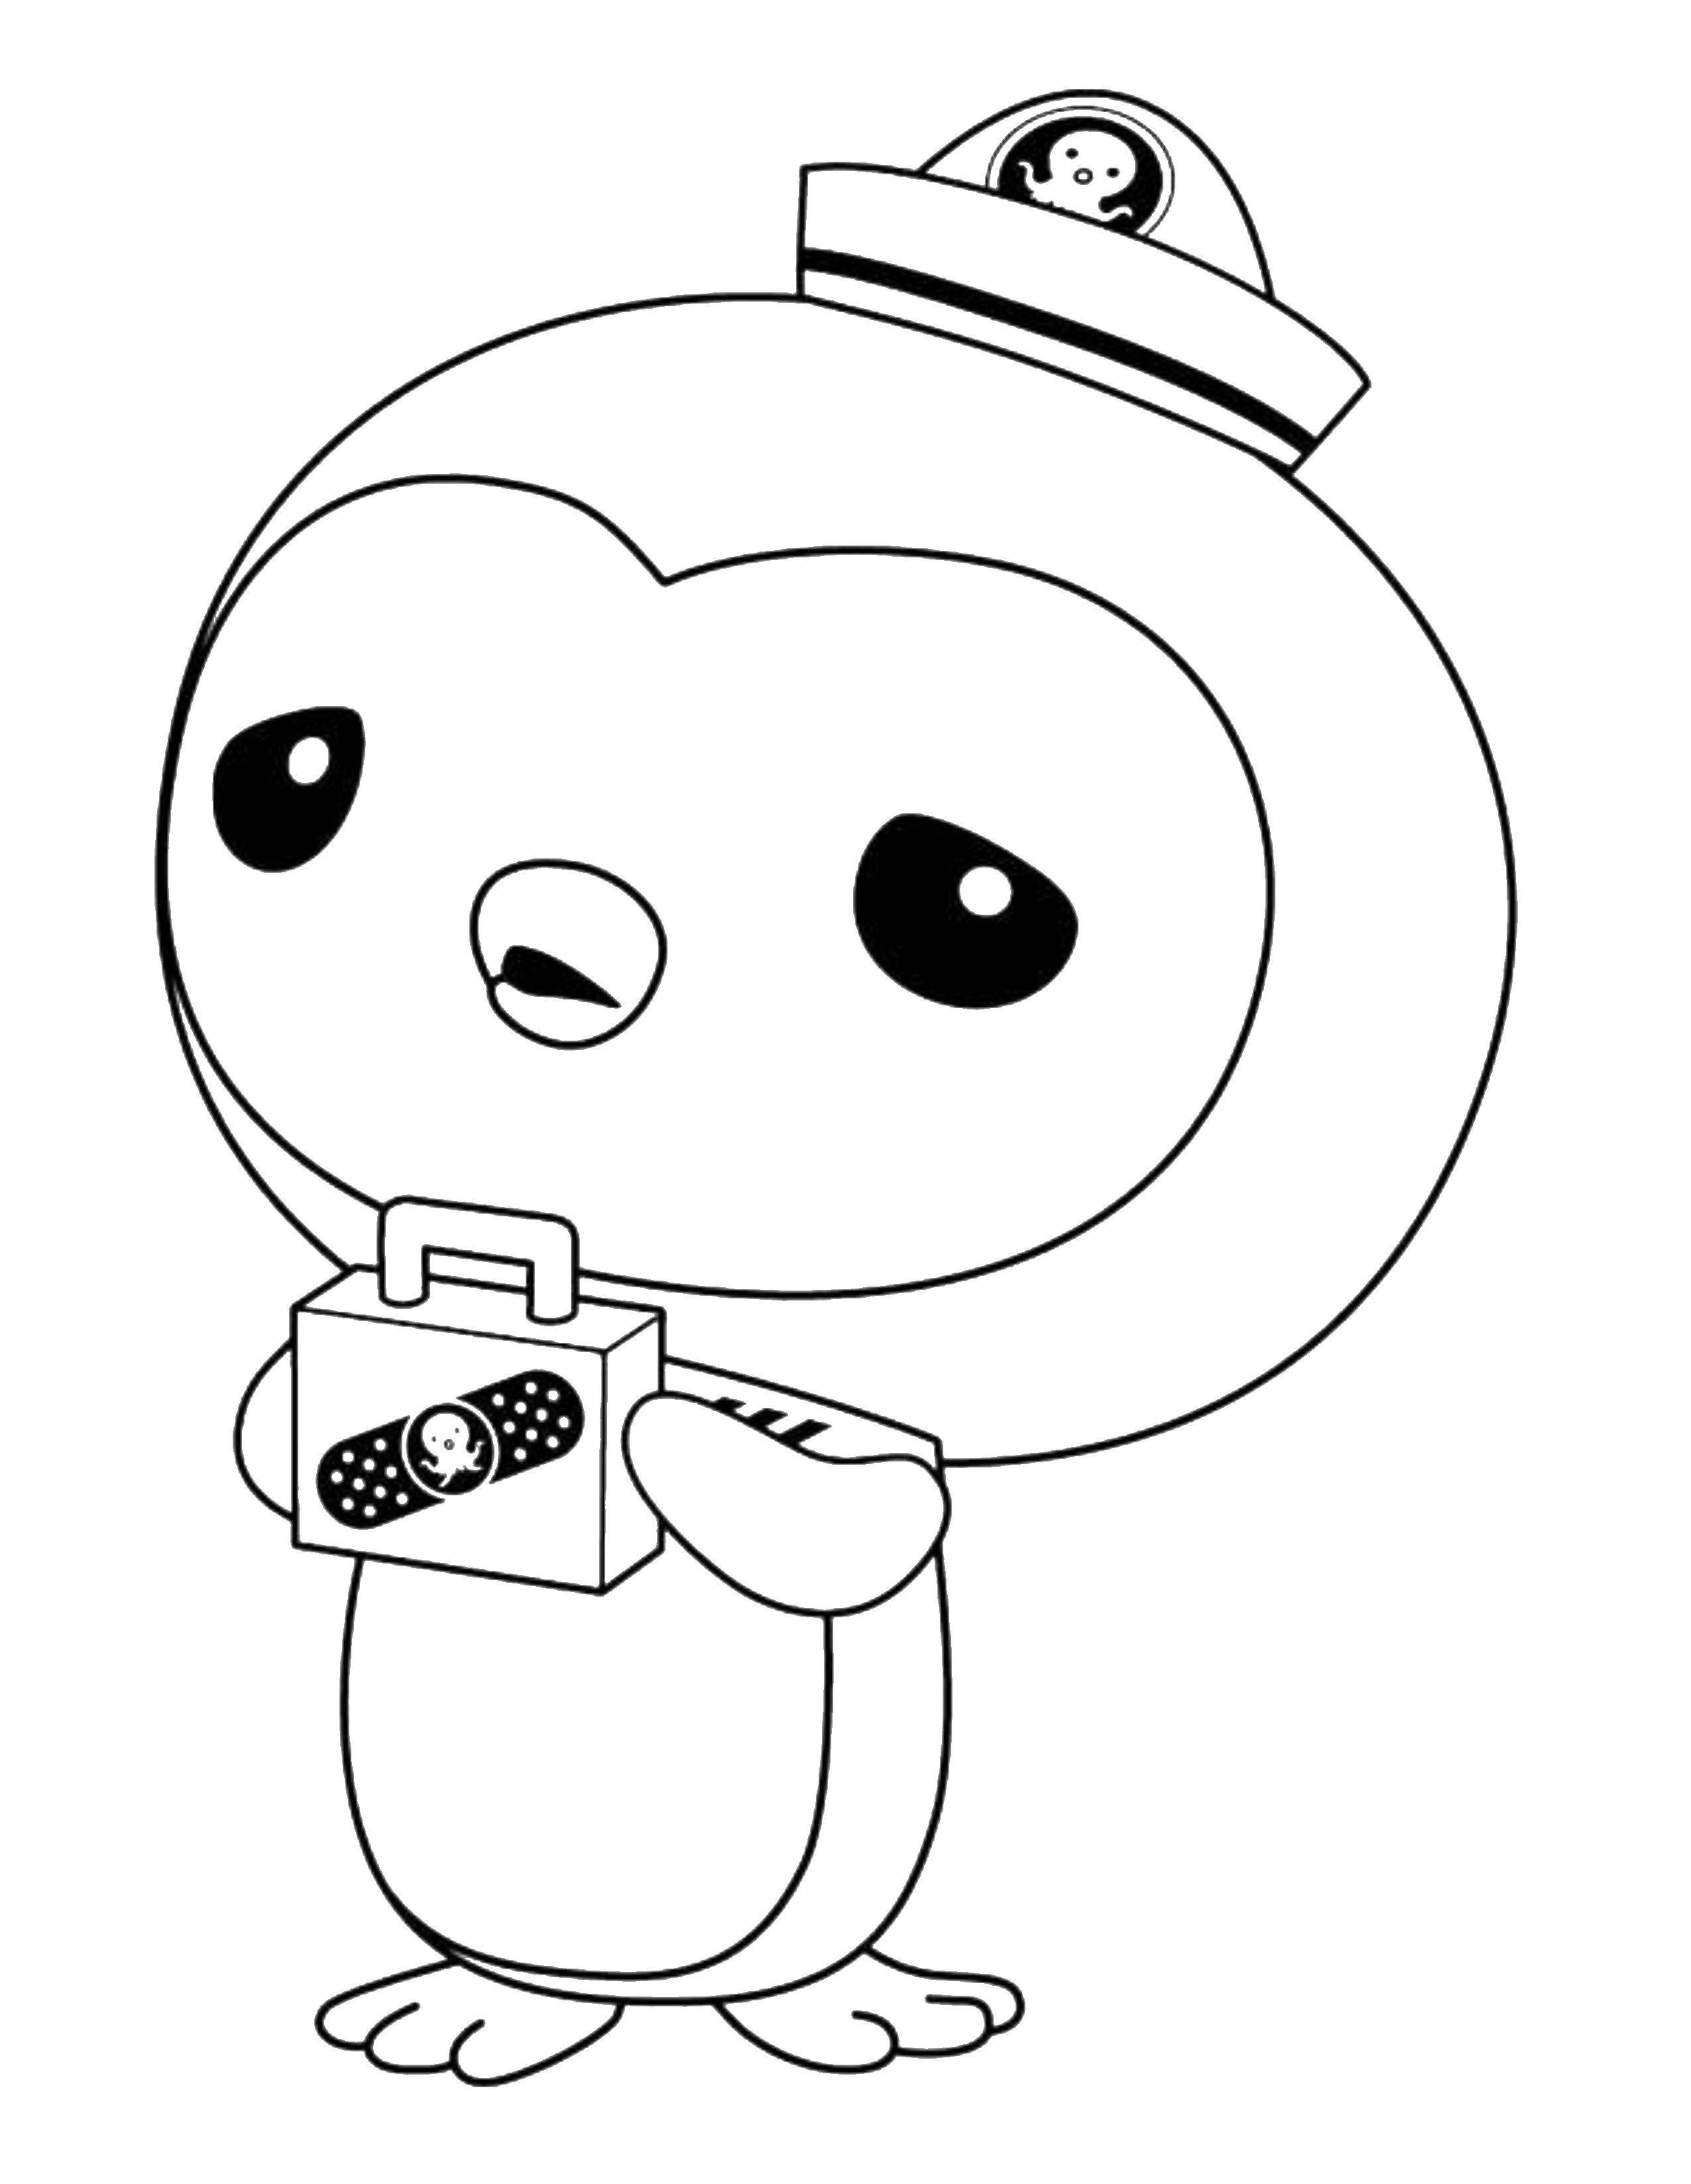 Раскраска Октонавты Скачать ,Октонавты, мультфильм,.  Распечатать